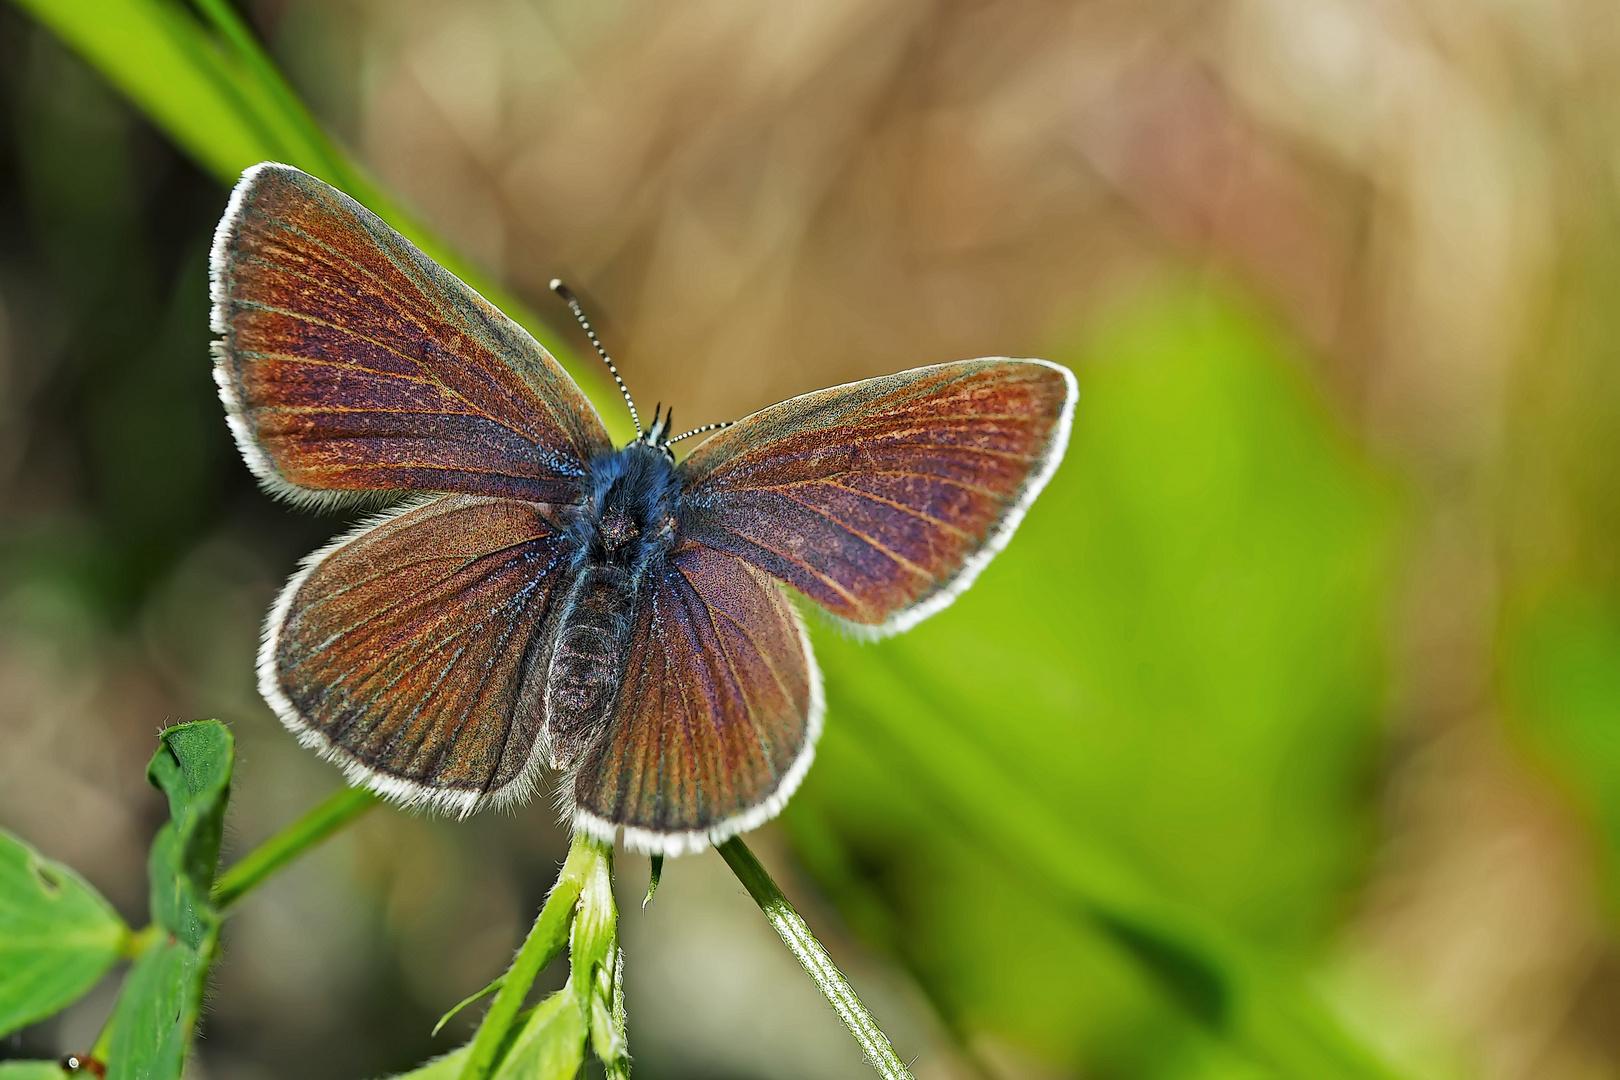 Endlich hat er seine hübschen Flügel geöffnet! - Un papillon qui se montre dans toute sa splendeur!